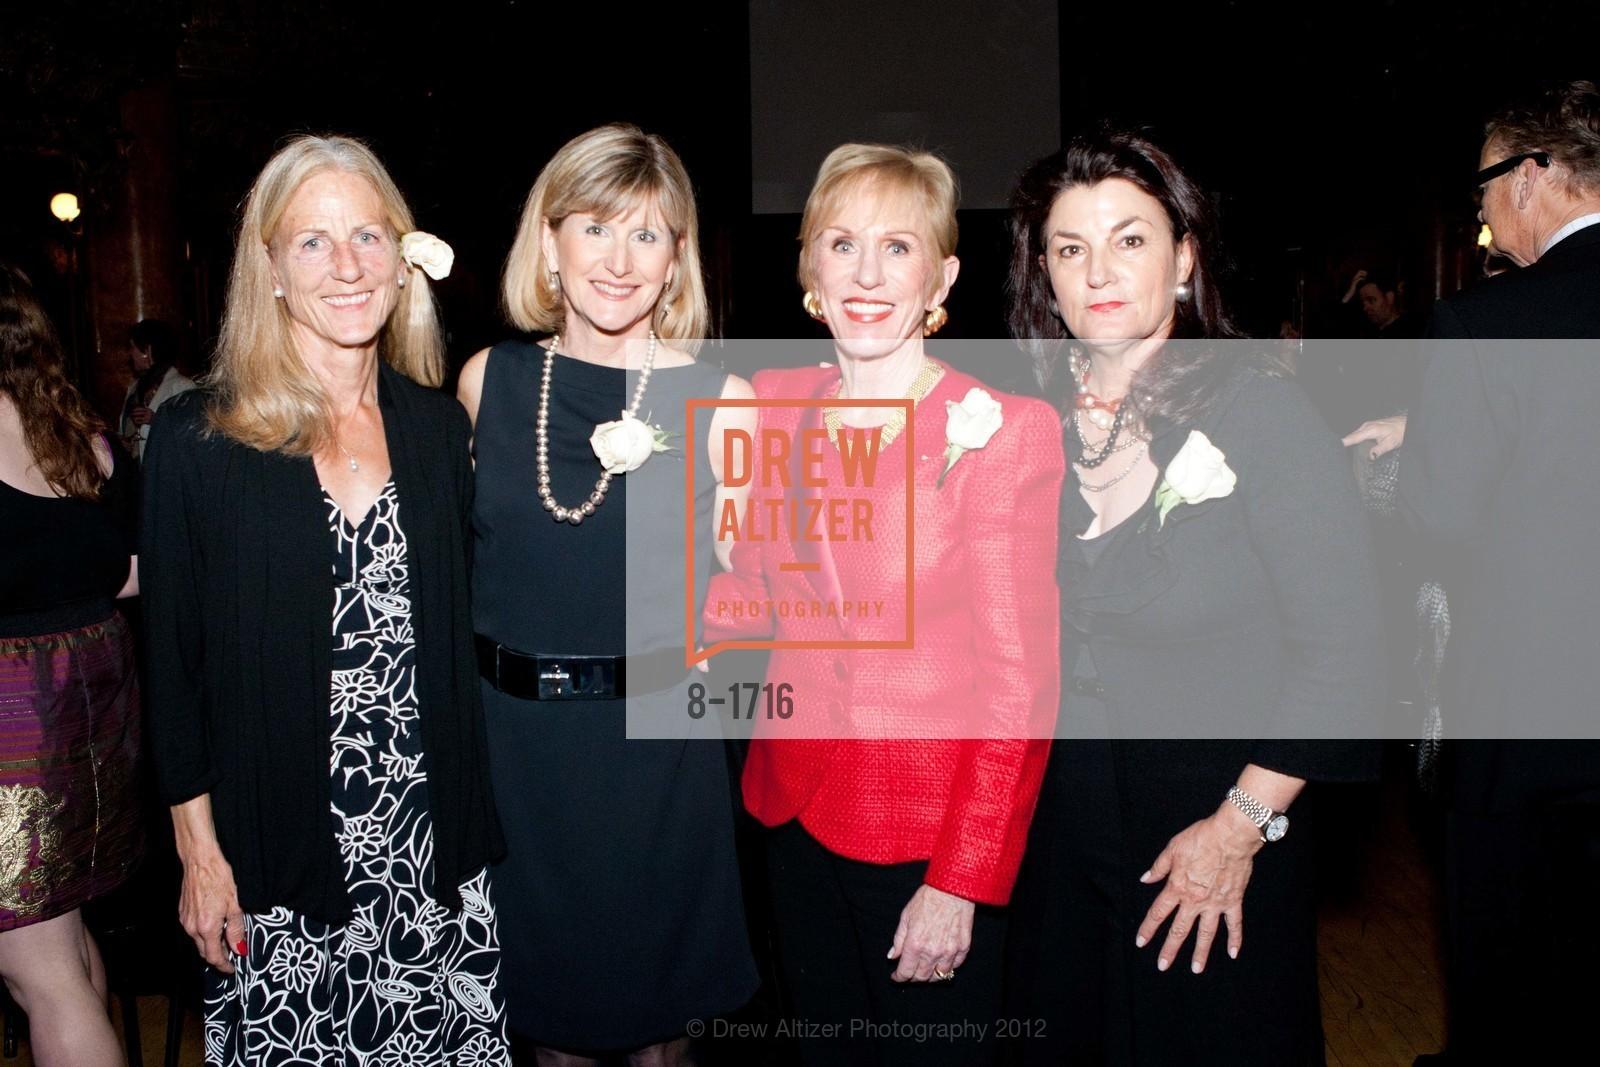 Mary Keyes, Marion McGovern, Brenda MacLean, Sheila Kelly, Photo #8-1716